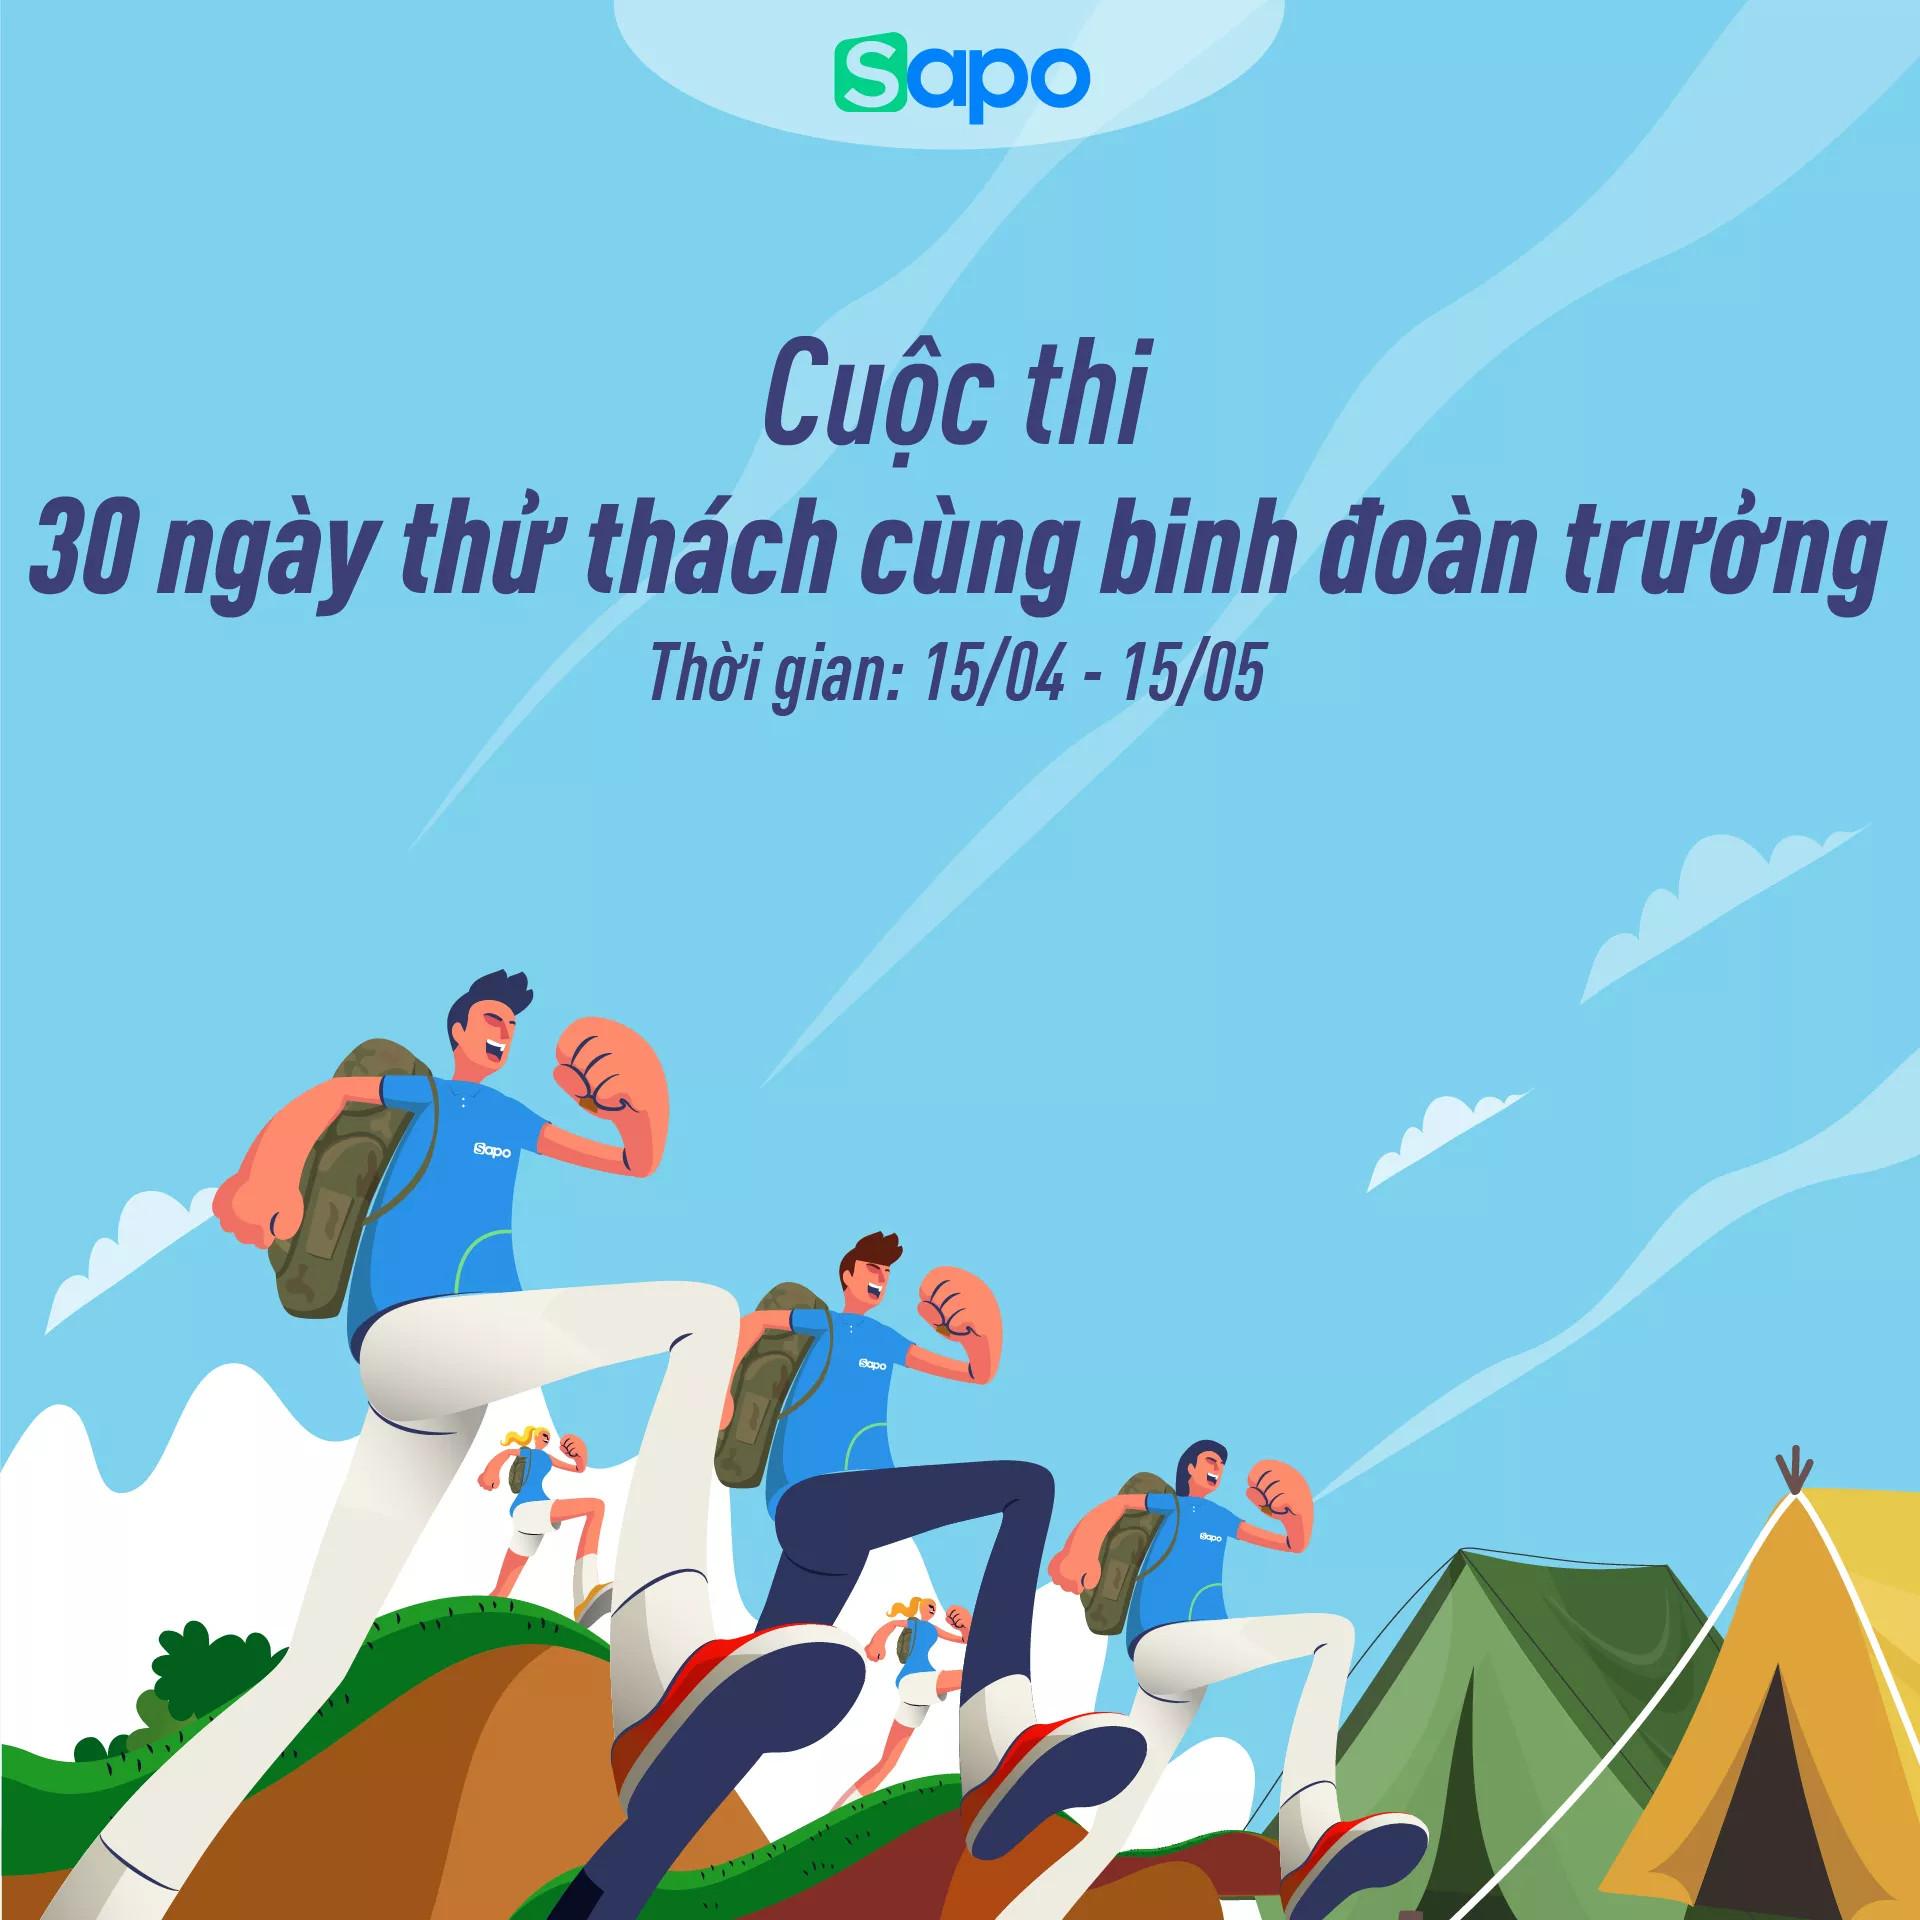 Cuộc thi: 30 ngày thử thách cùng binh đoàn trưởng Sapo